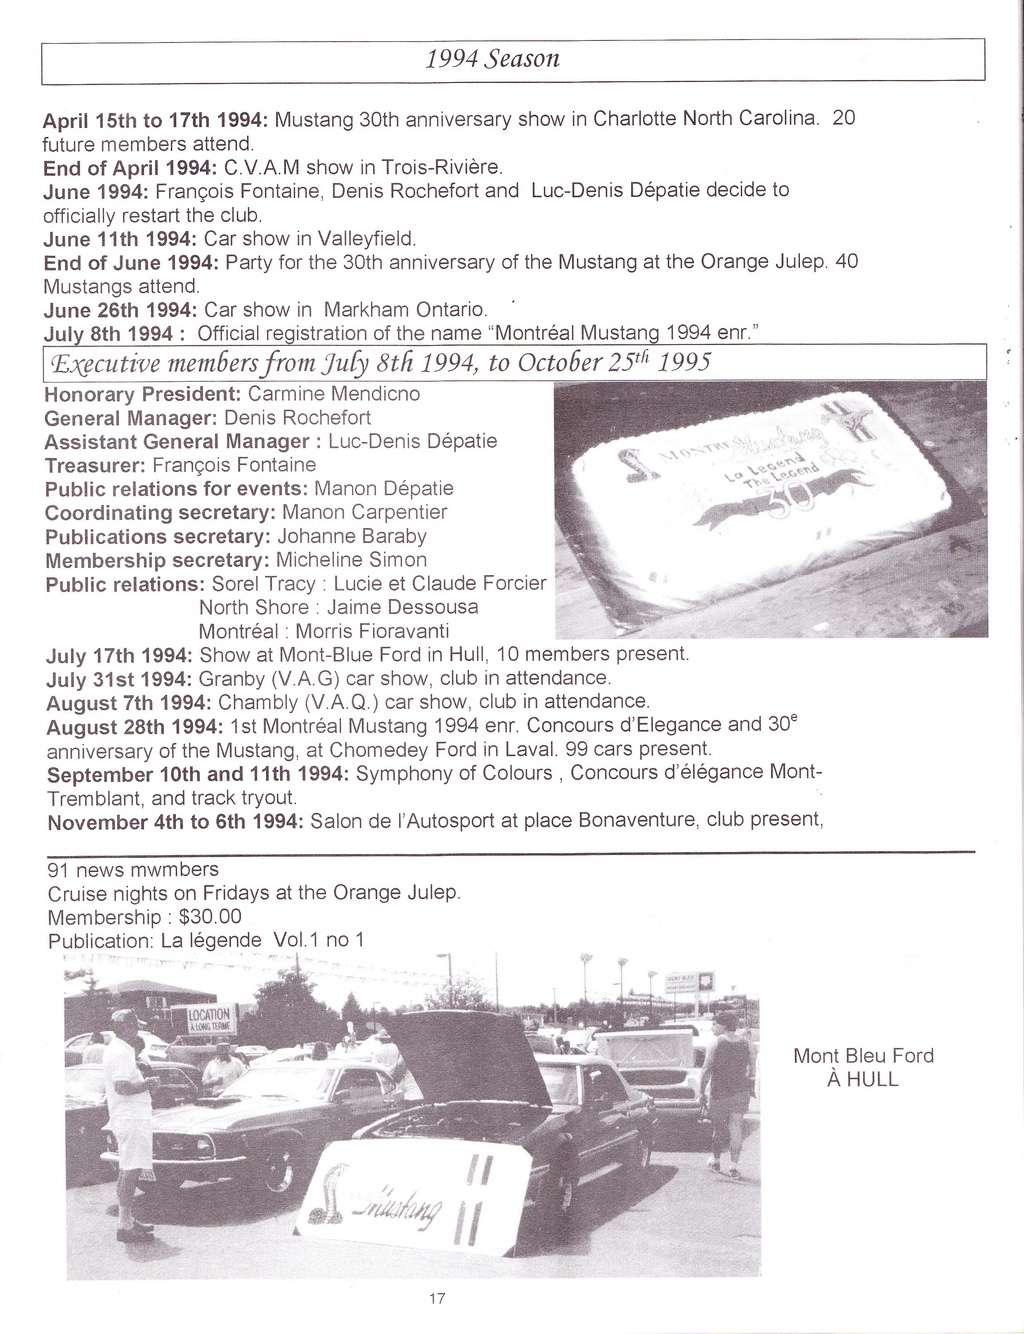 Montréal Mustang dans le temps! 1981 à aujourd'hui (Histoire en photos) La_lyg56